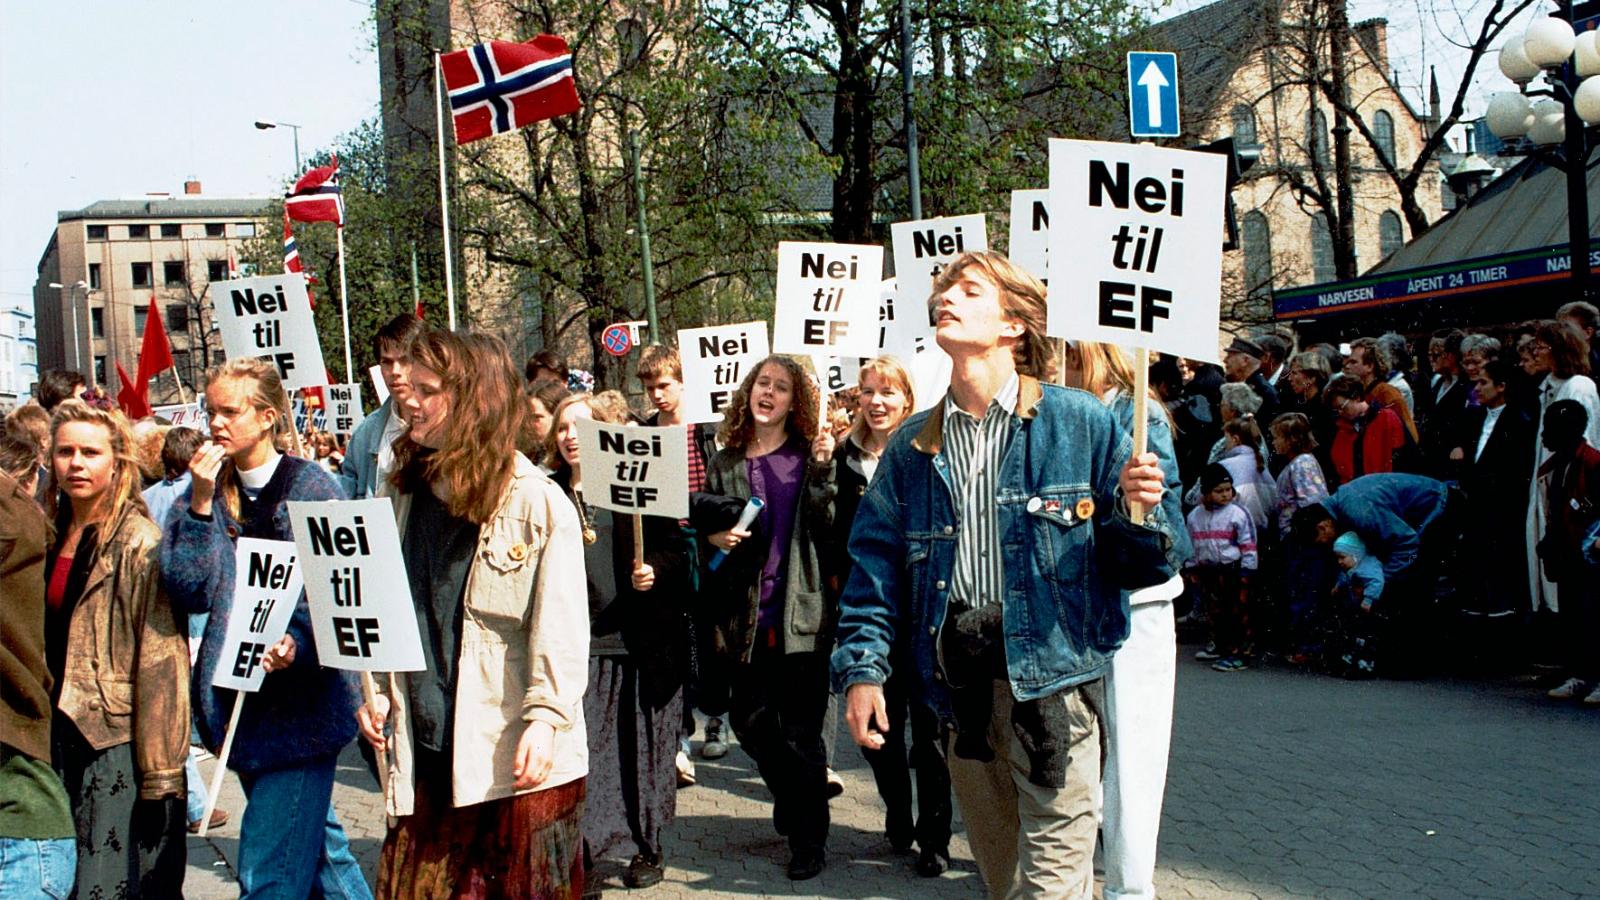 Ungdommen må stemme nei for at det skal bli flertall mot EU i en ny folkeavstemning, som i 1994. Bildet viser Ungdom mot EU i 1. mai-toget i Oslo i 1993.